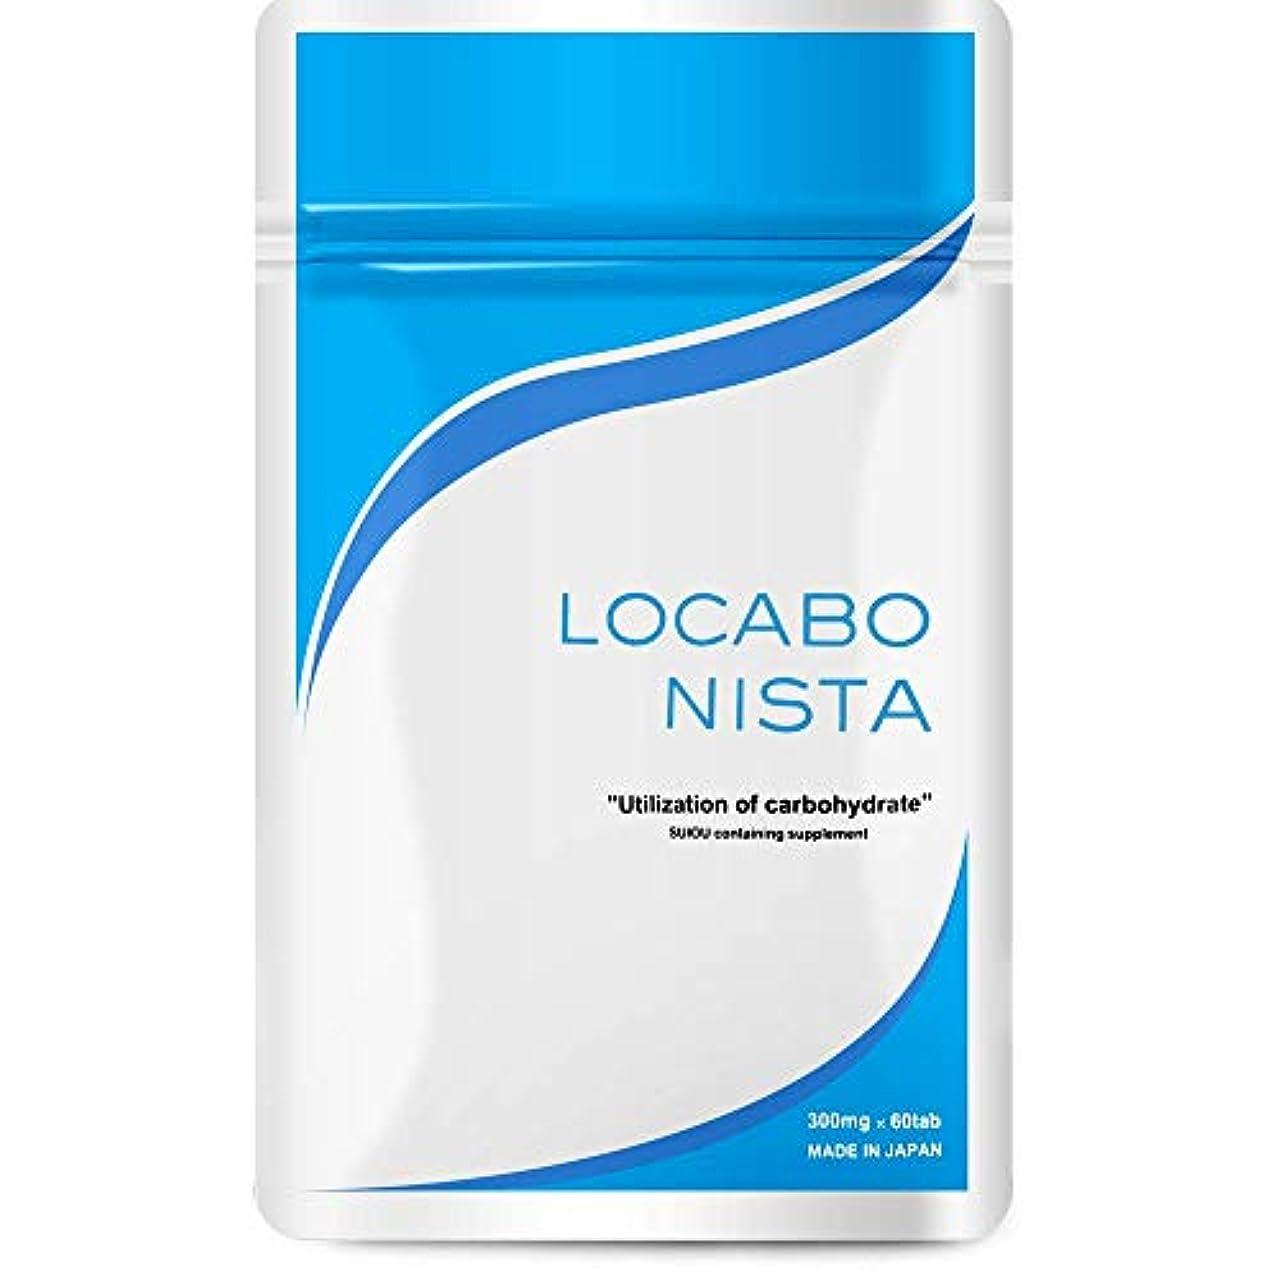 お母さんワイドファイルダイエット サプリ 燃焼系 糖質活用 LOCABO NISTA ロカボ ニスタ [ GLP-1 すいおう α-リポ酸 カテキン クロロゲン酸 サプリメント 糖質 コントロール 短期 スリム]